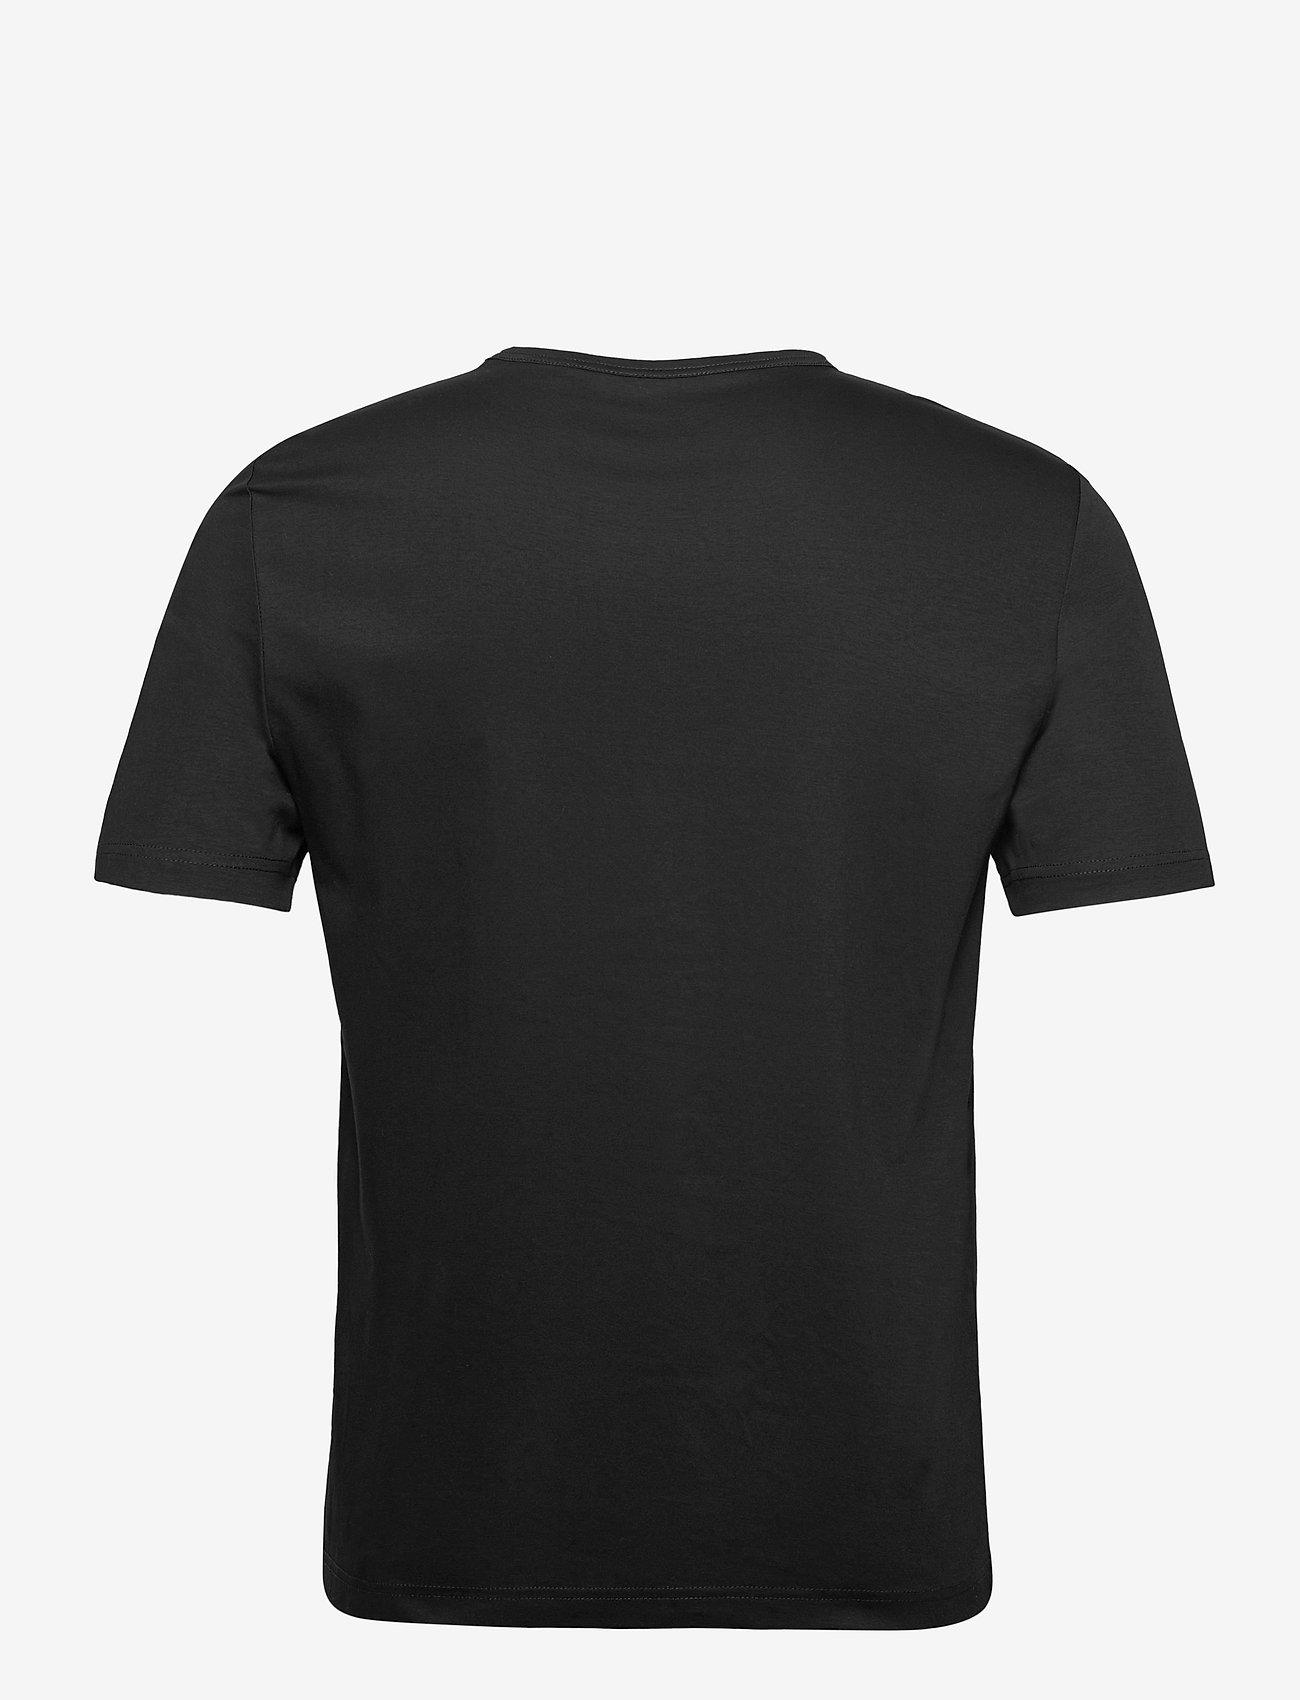 Tiger of Sweden - OLAF - basis-t-skjorter - black - 1